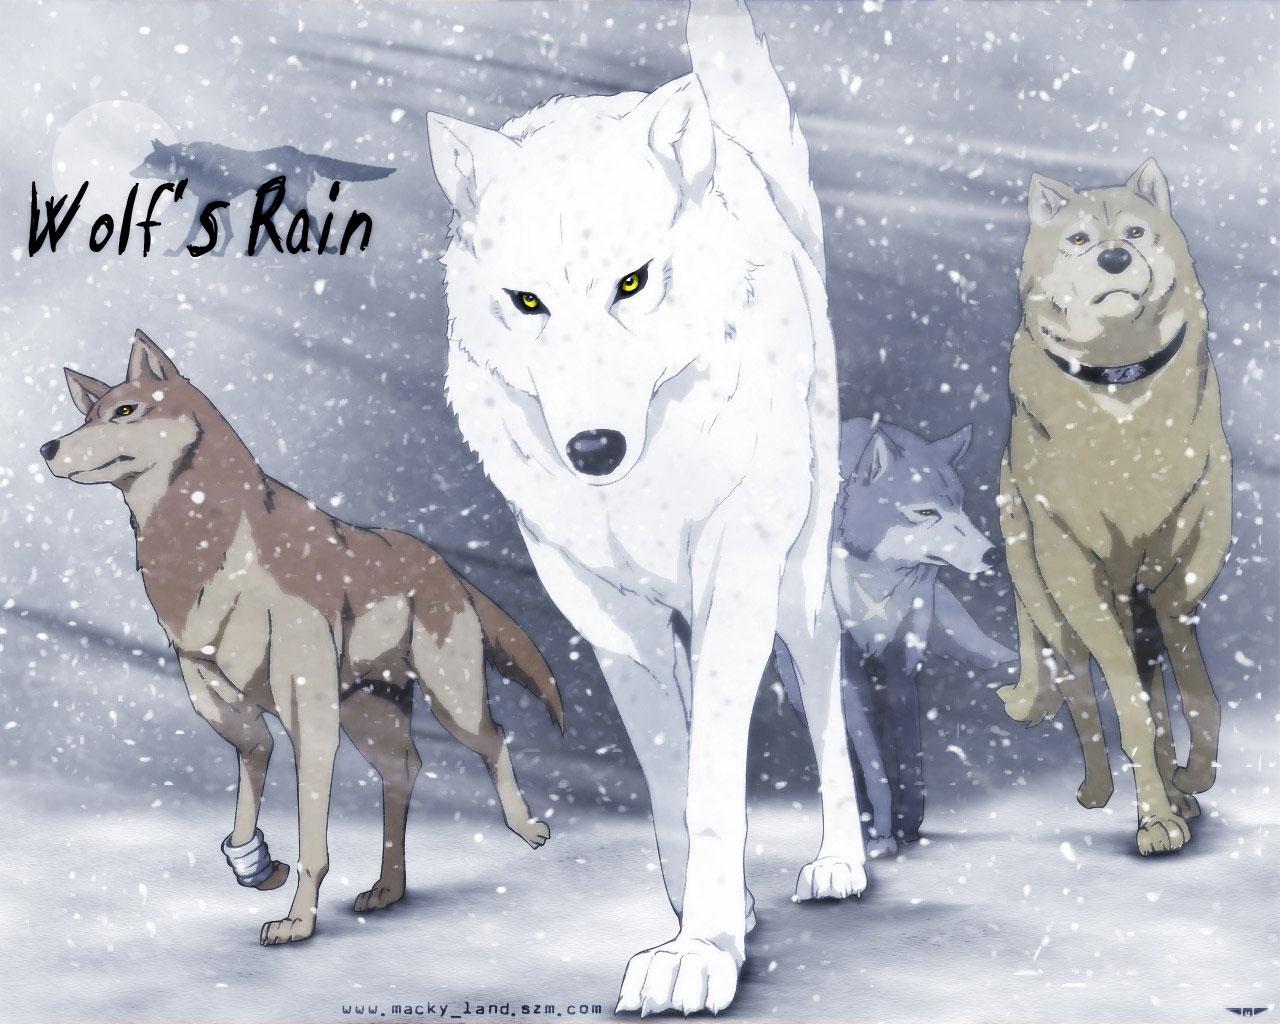 狼���dy��Z9�*�]_来几张狼的图片,可以做头像的.霸气一点的.(图9)